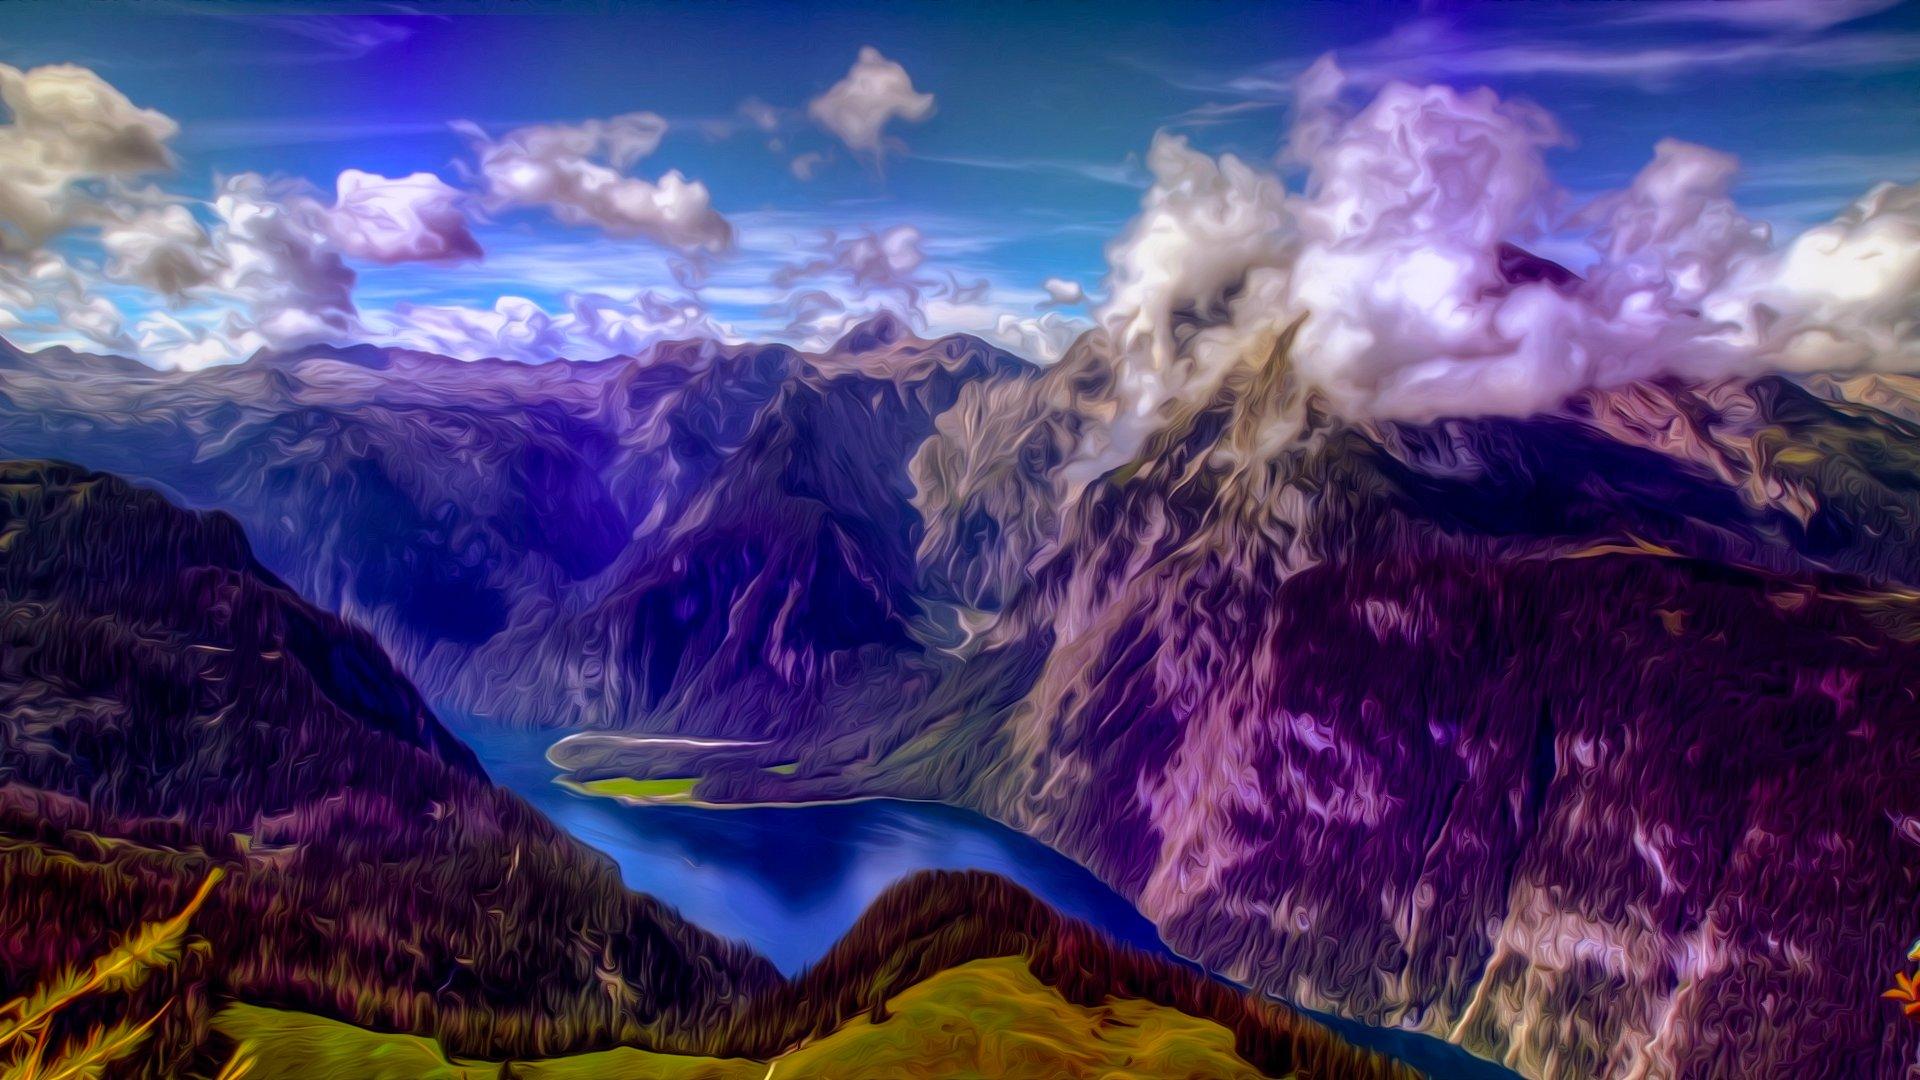 Beautiful Wallpaper Of Nature Download